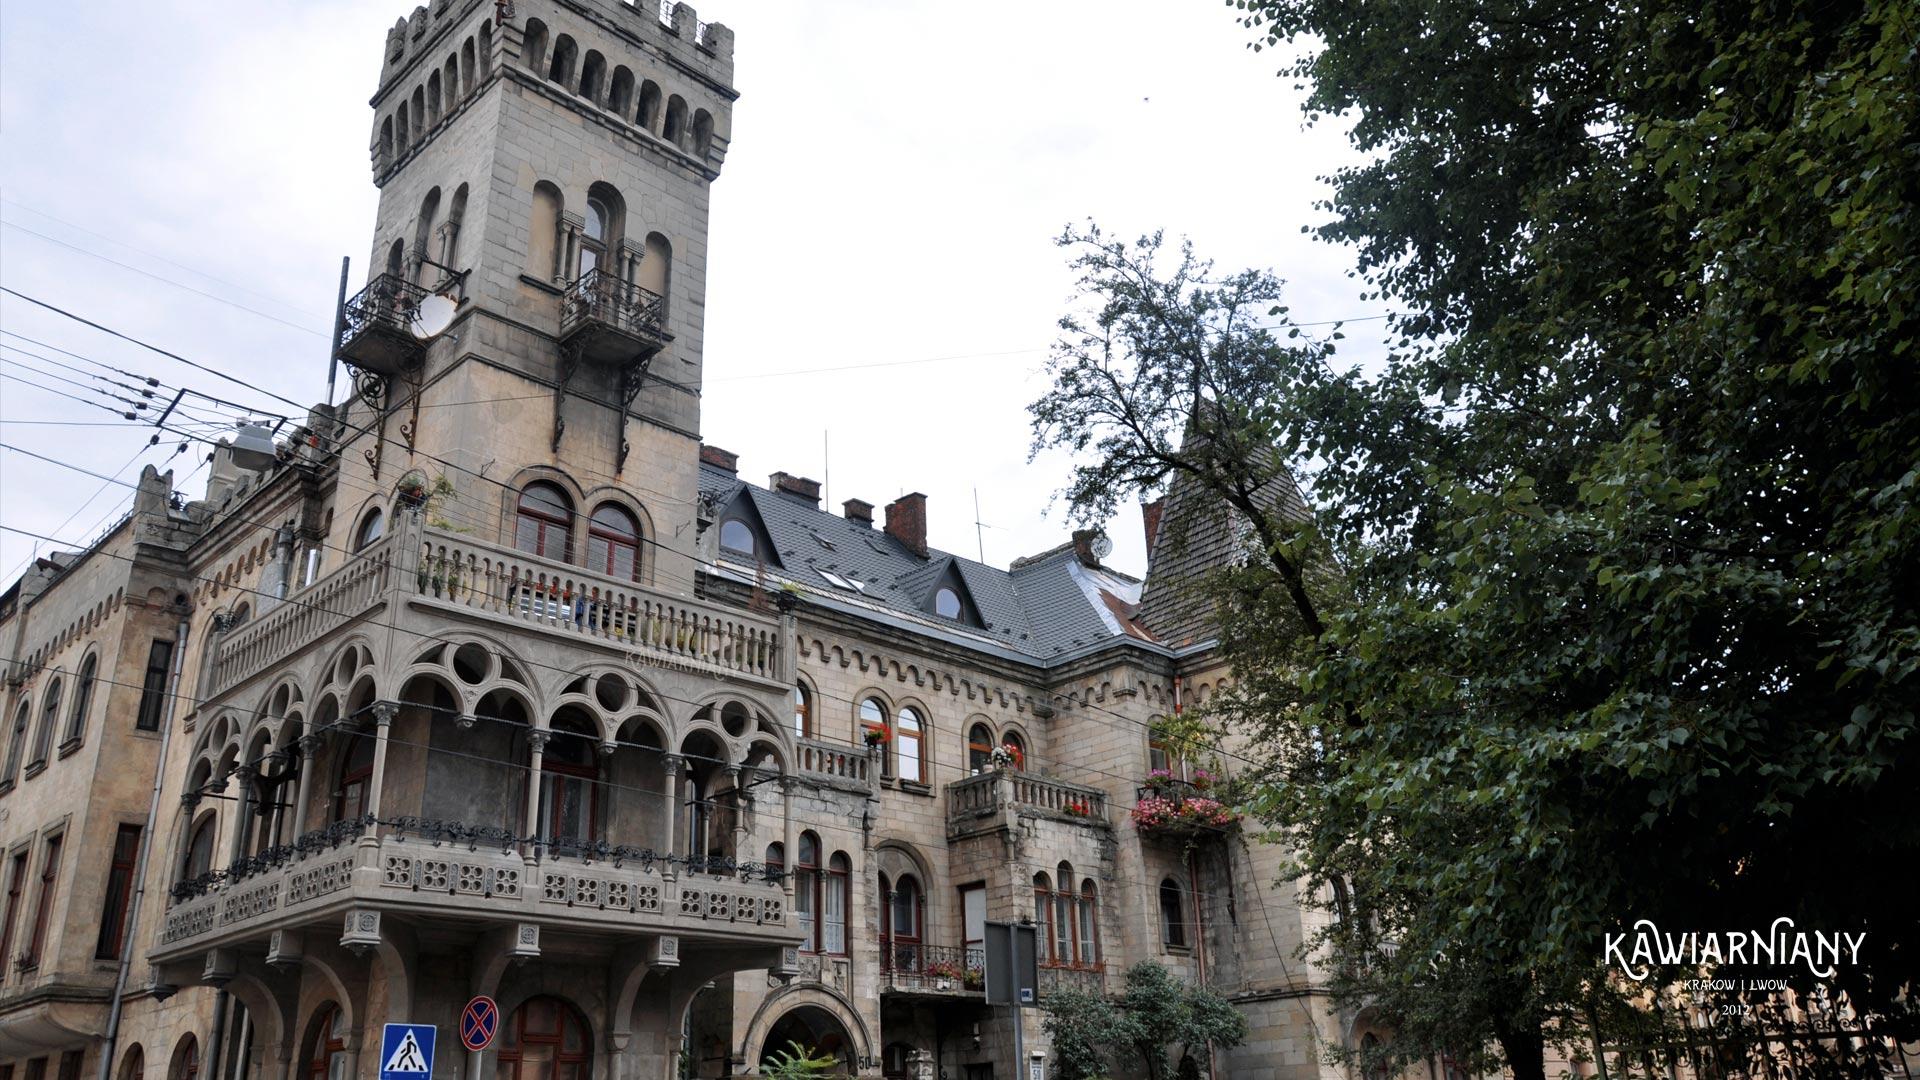 Gotycki zamek we Lwowie? Nie! To Dom Pod Orłami (Willa Sosnowskiego, Dom Biesiadeckiego)